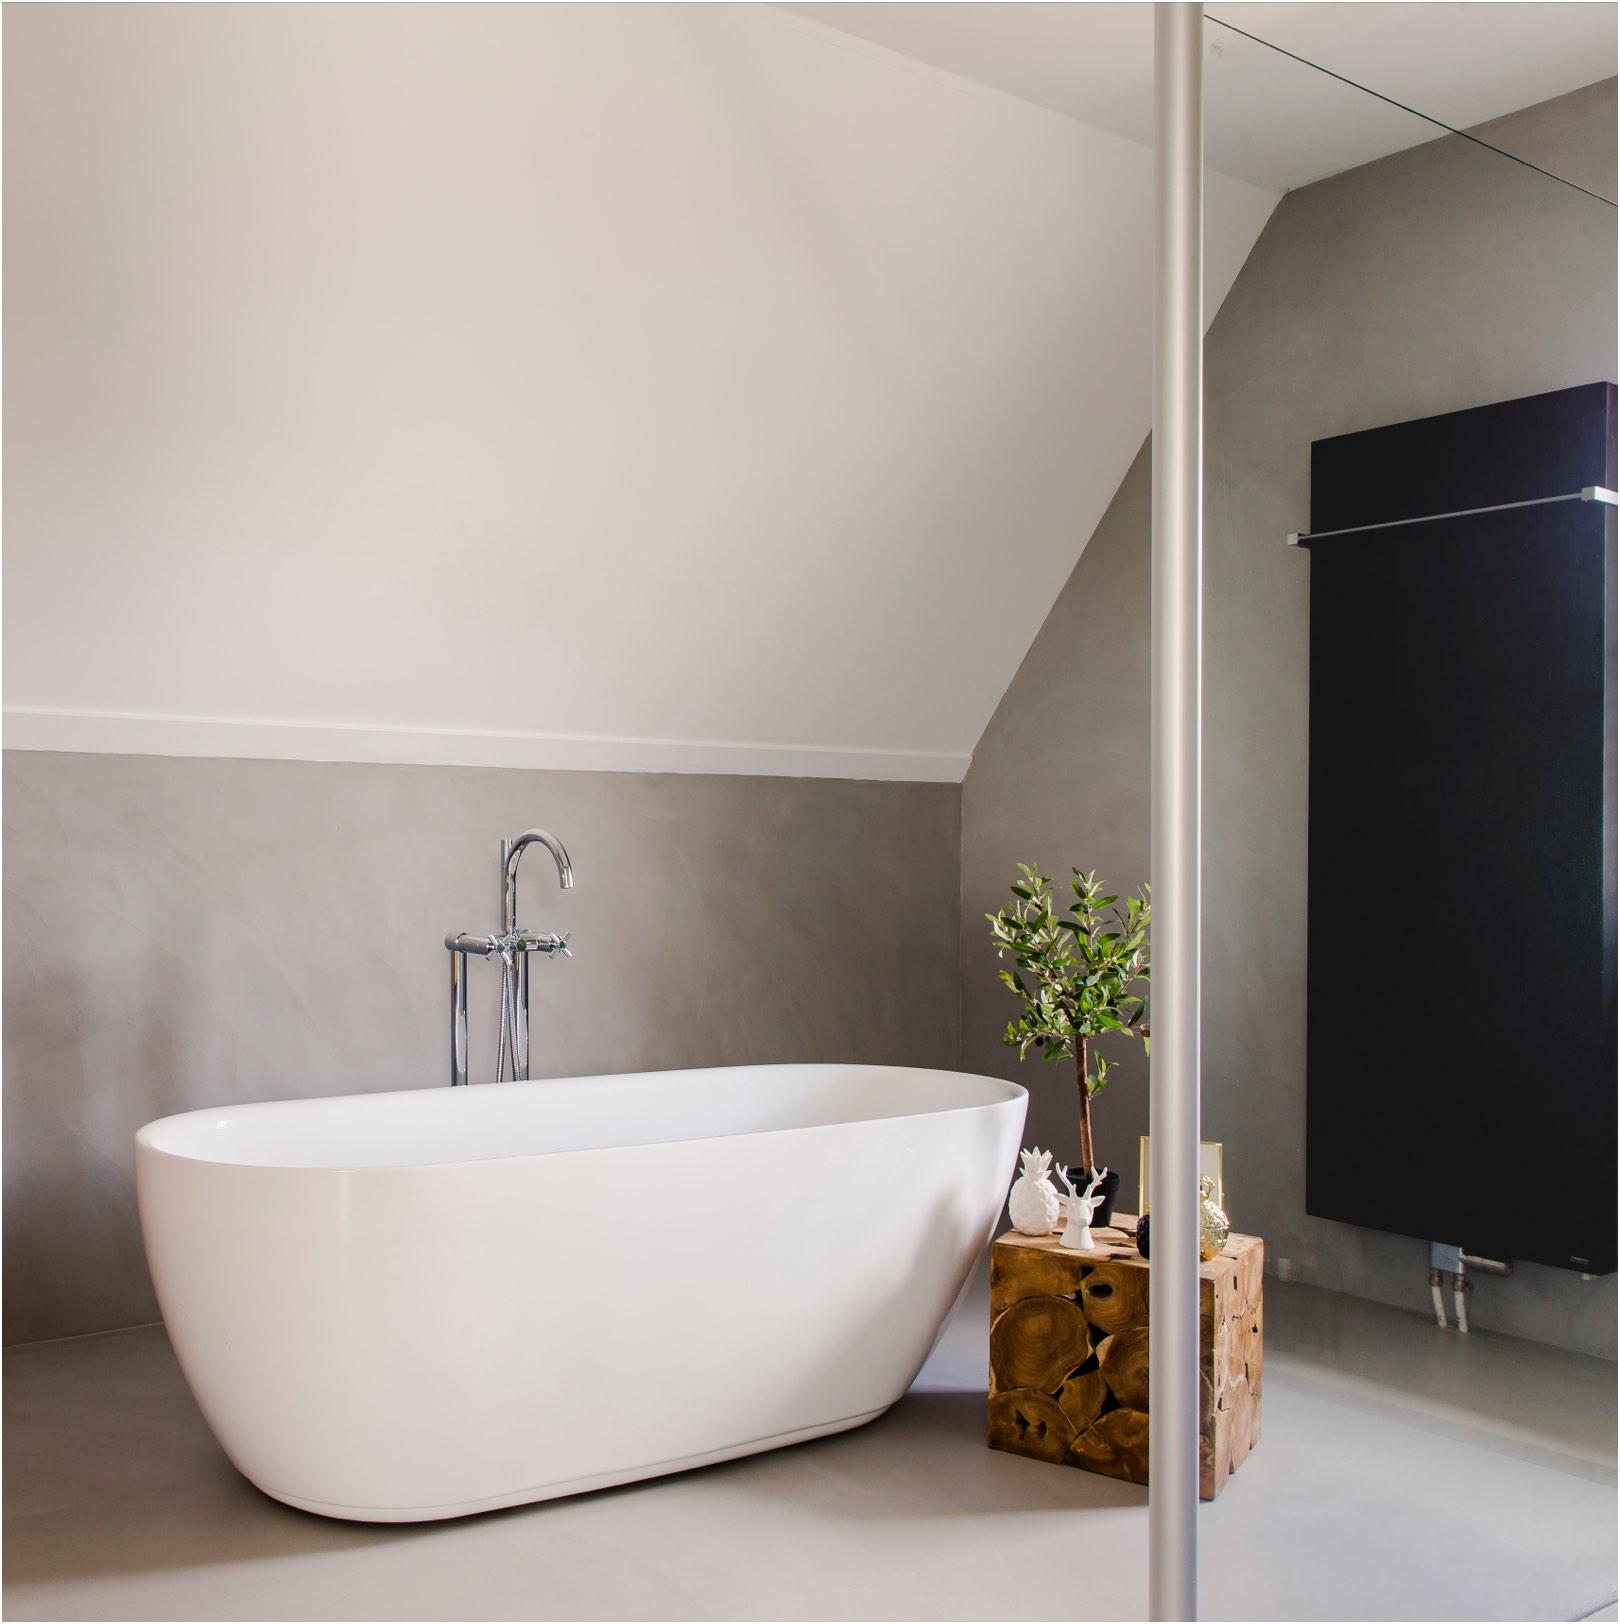 betonstuc-vloer-en-muur-badkamer